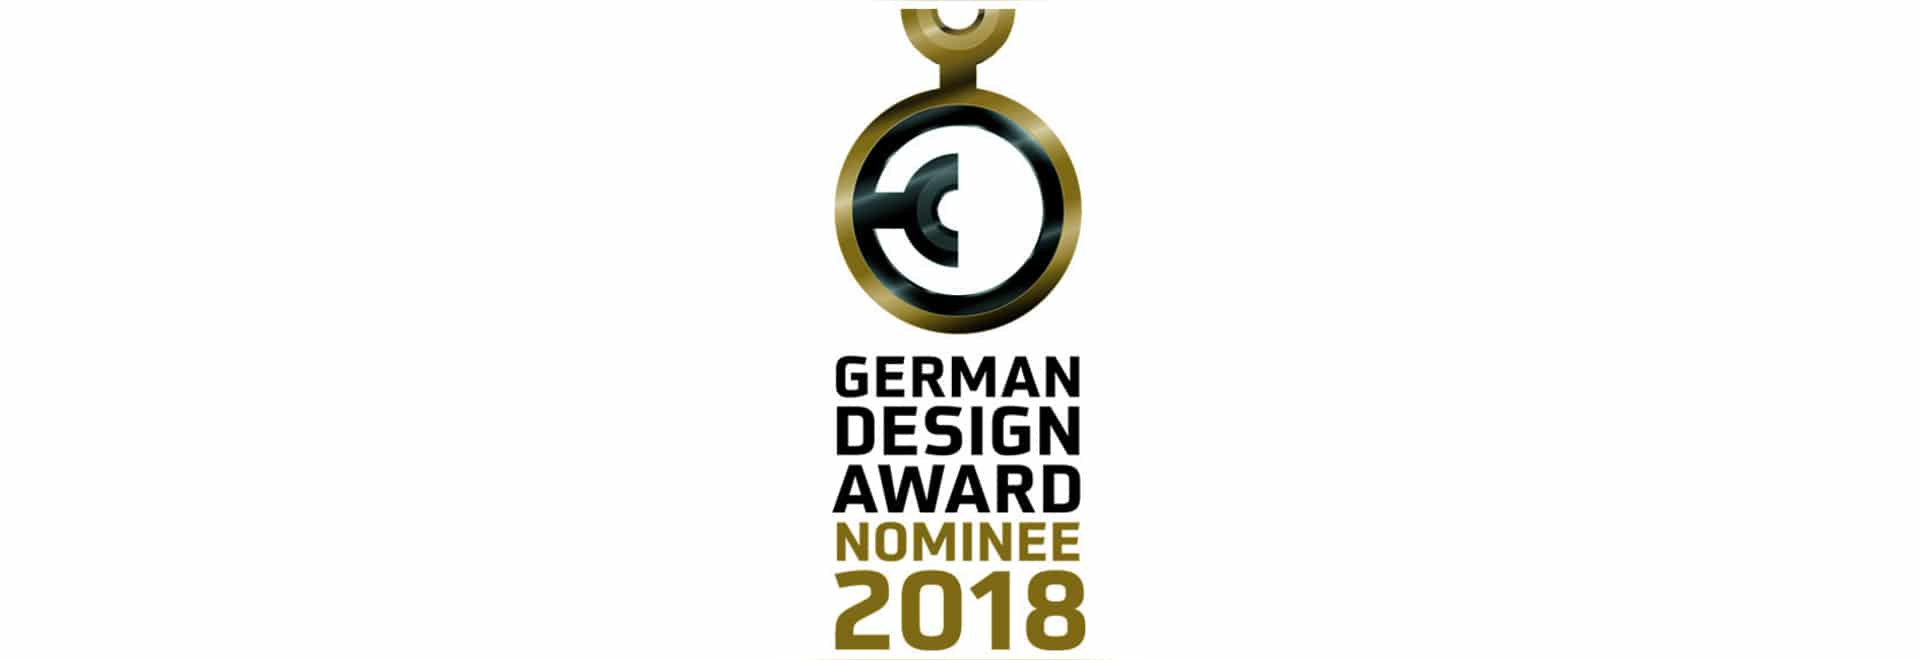 Nomina per il premio tedesco 2018 di progettazione